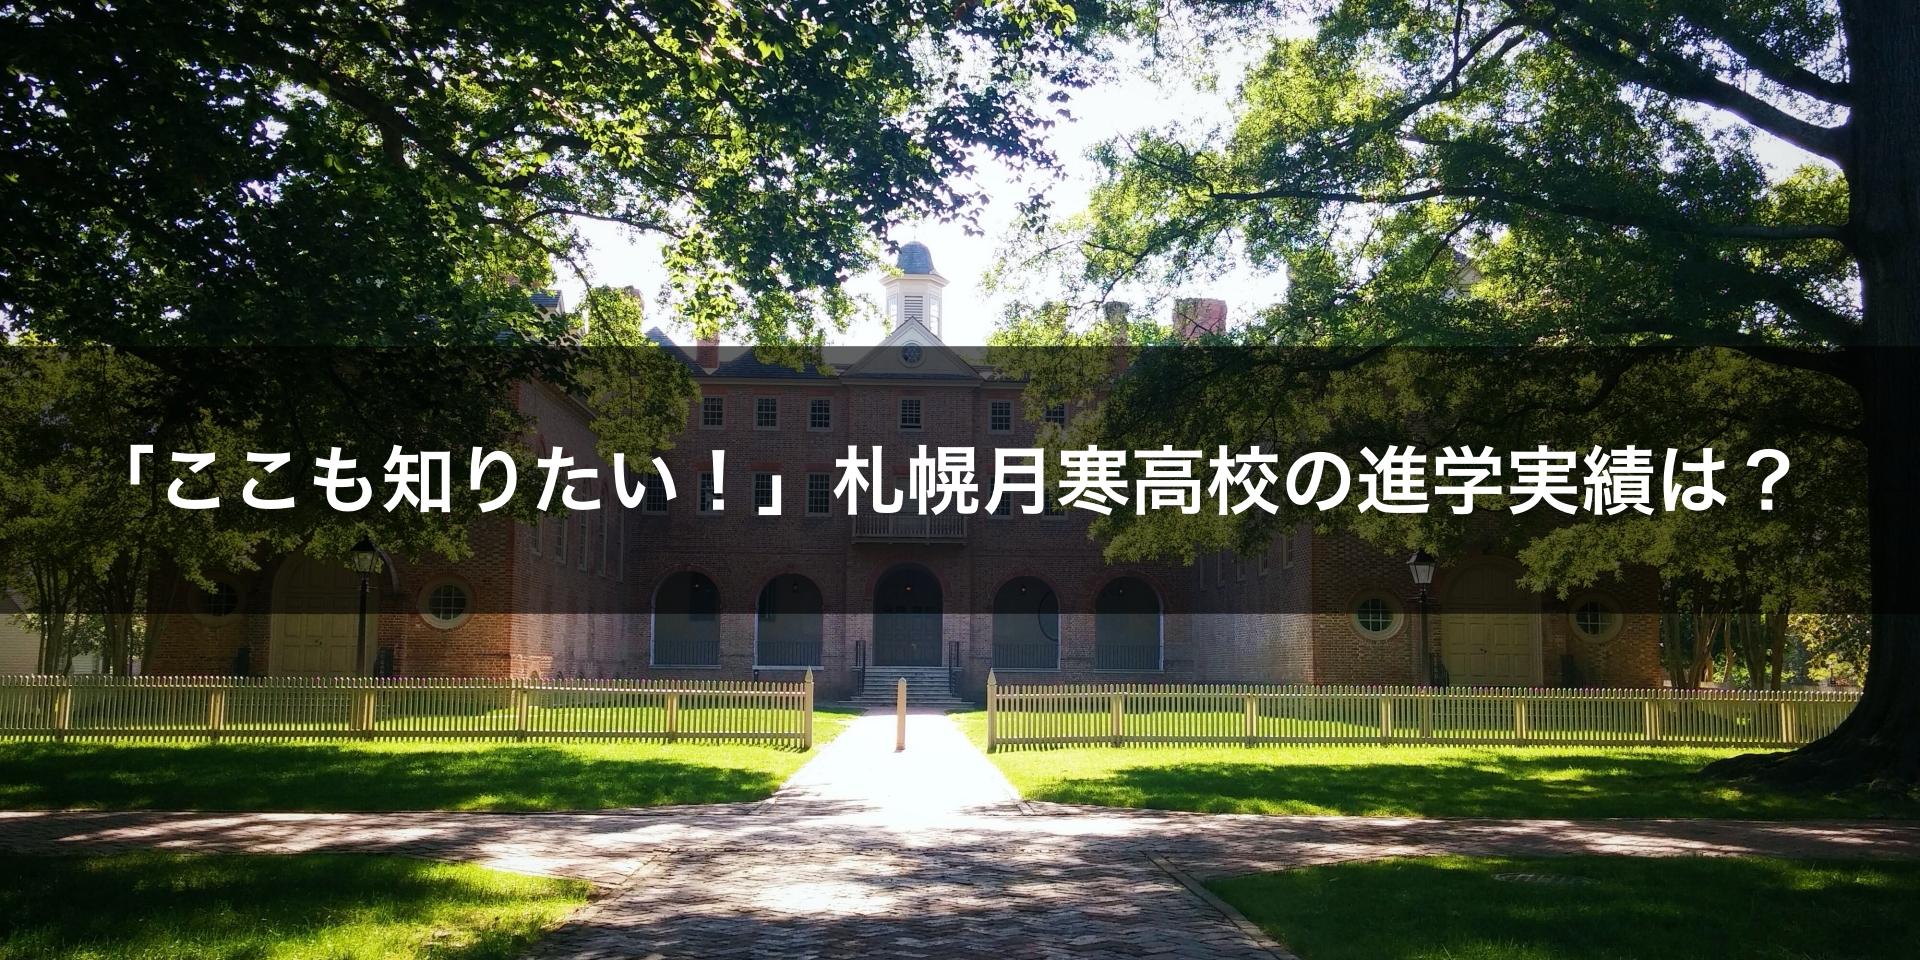 札幌月寒高校の進学実績は?